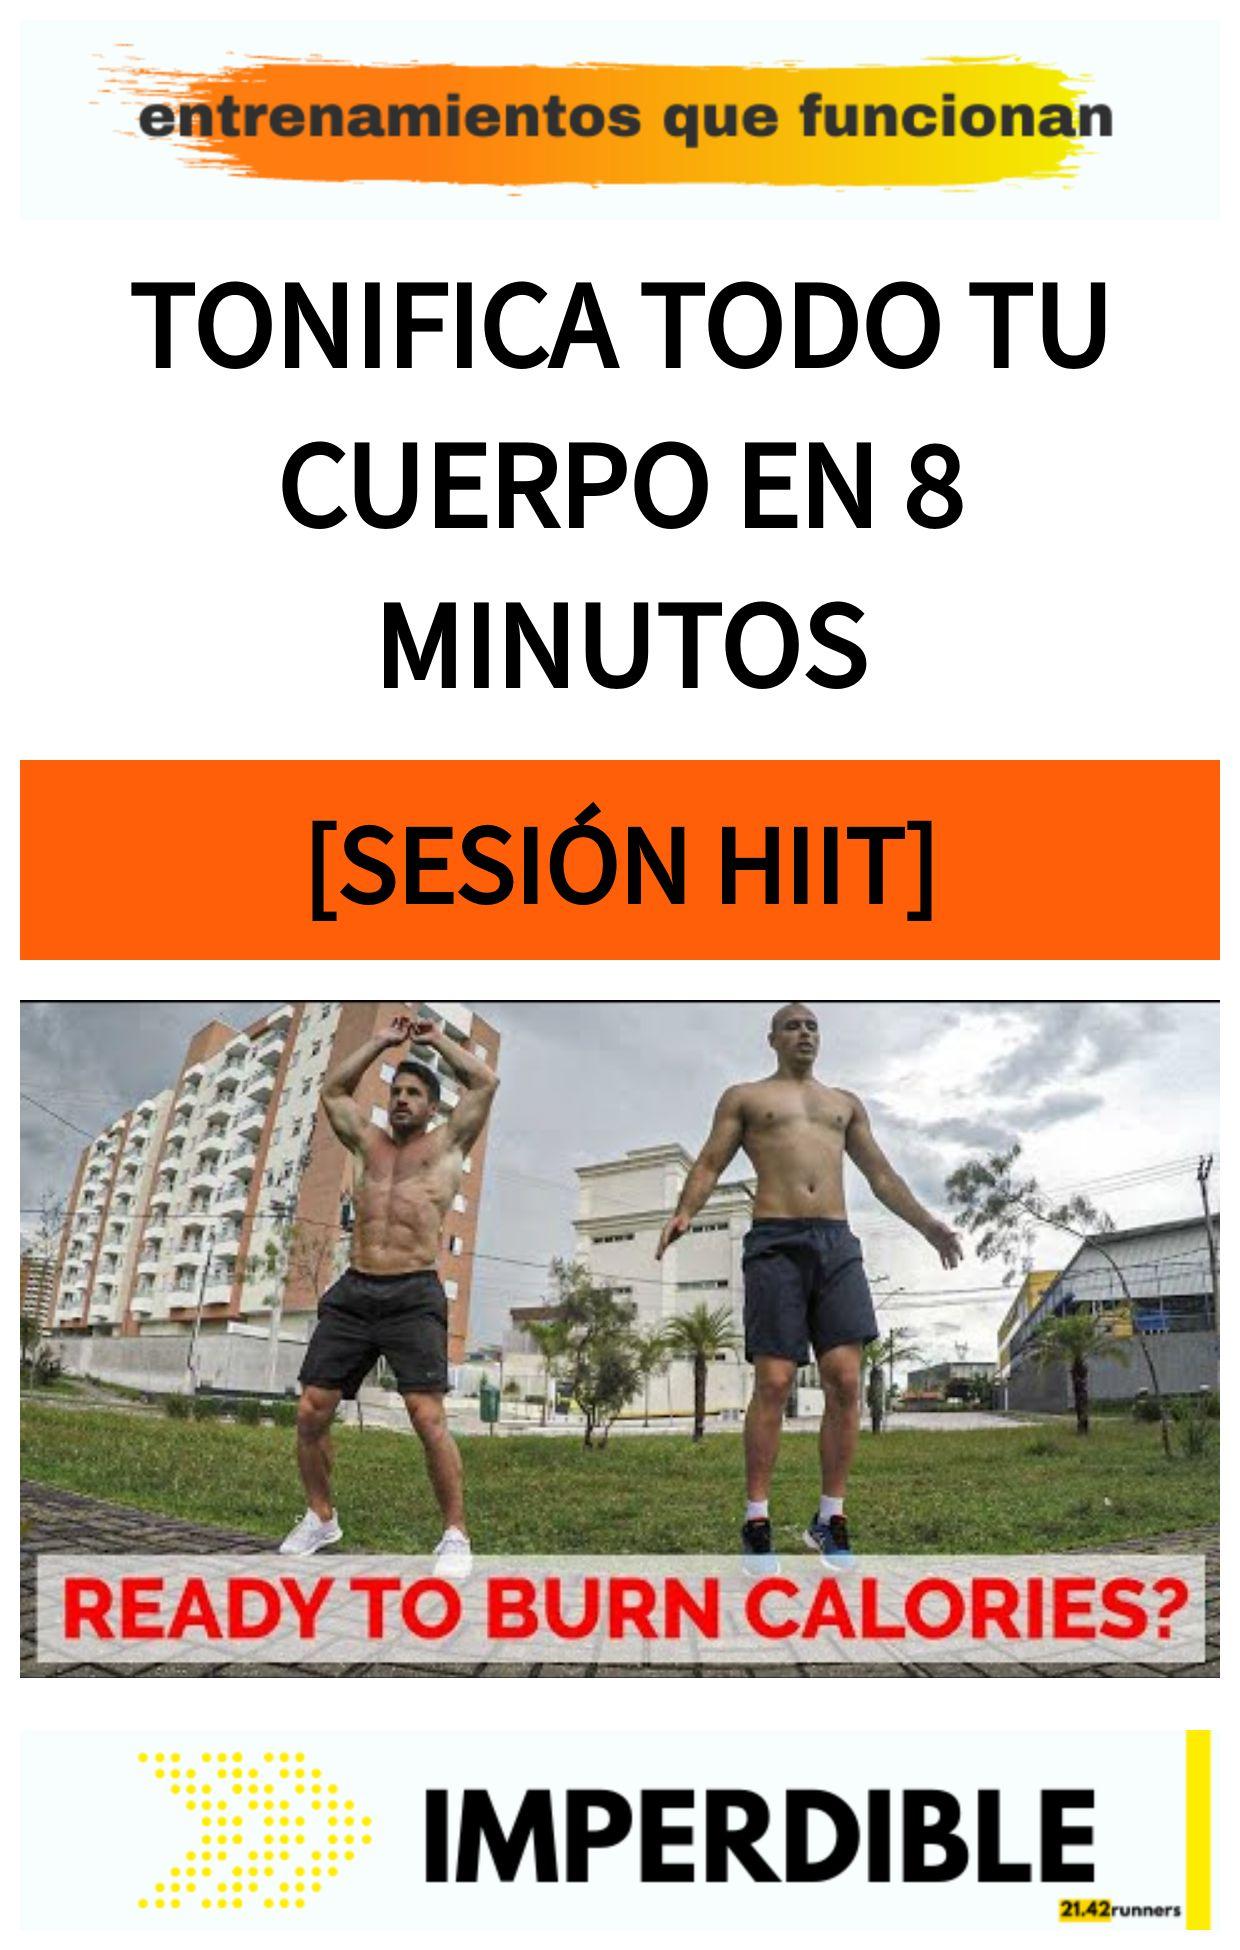 Tonifica todo tu cuerpo en 8 minutos